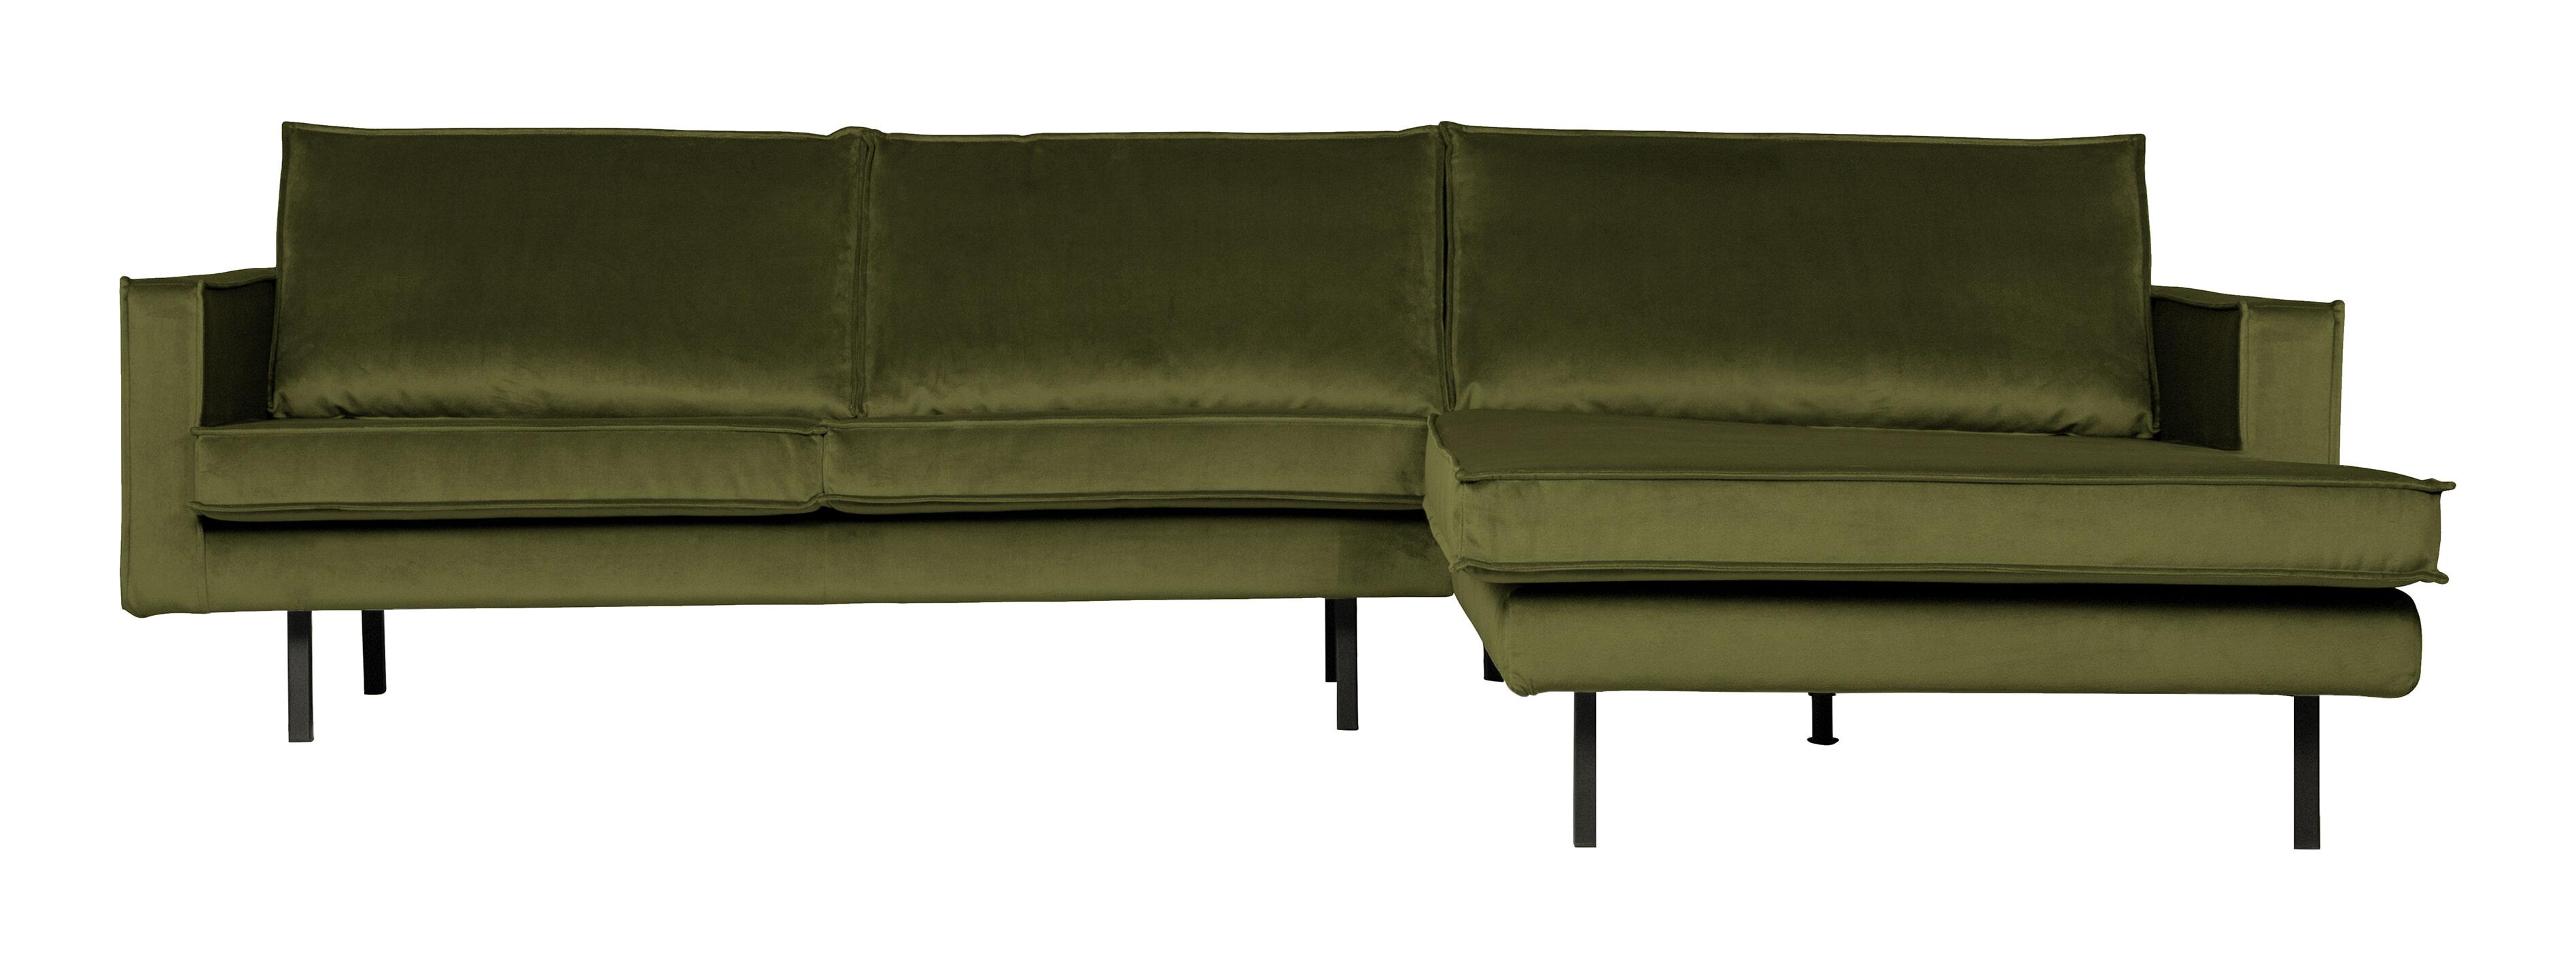 BePureHome Loungebank 'Rodeo' Rechts, Velvet, kleur Olive